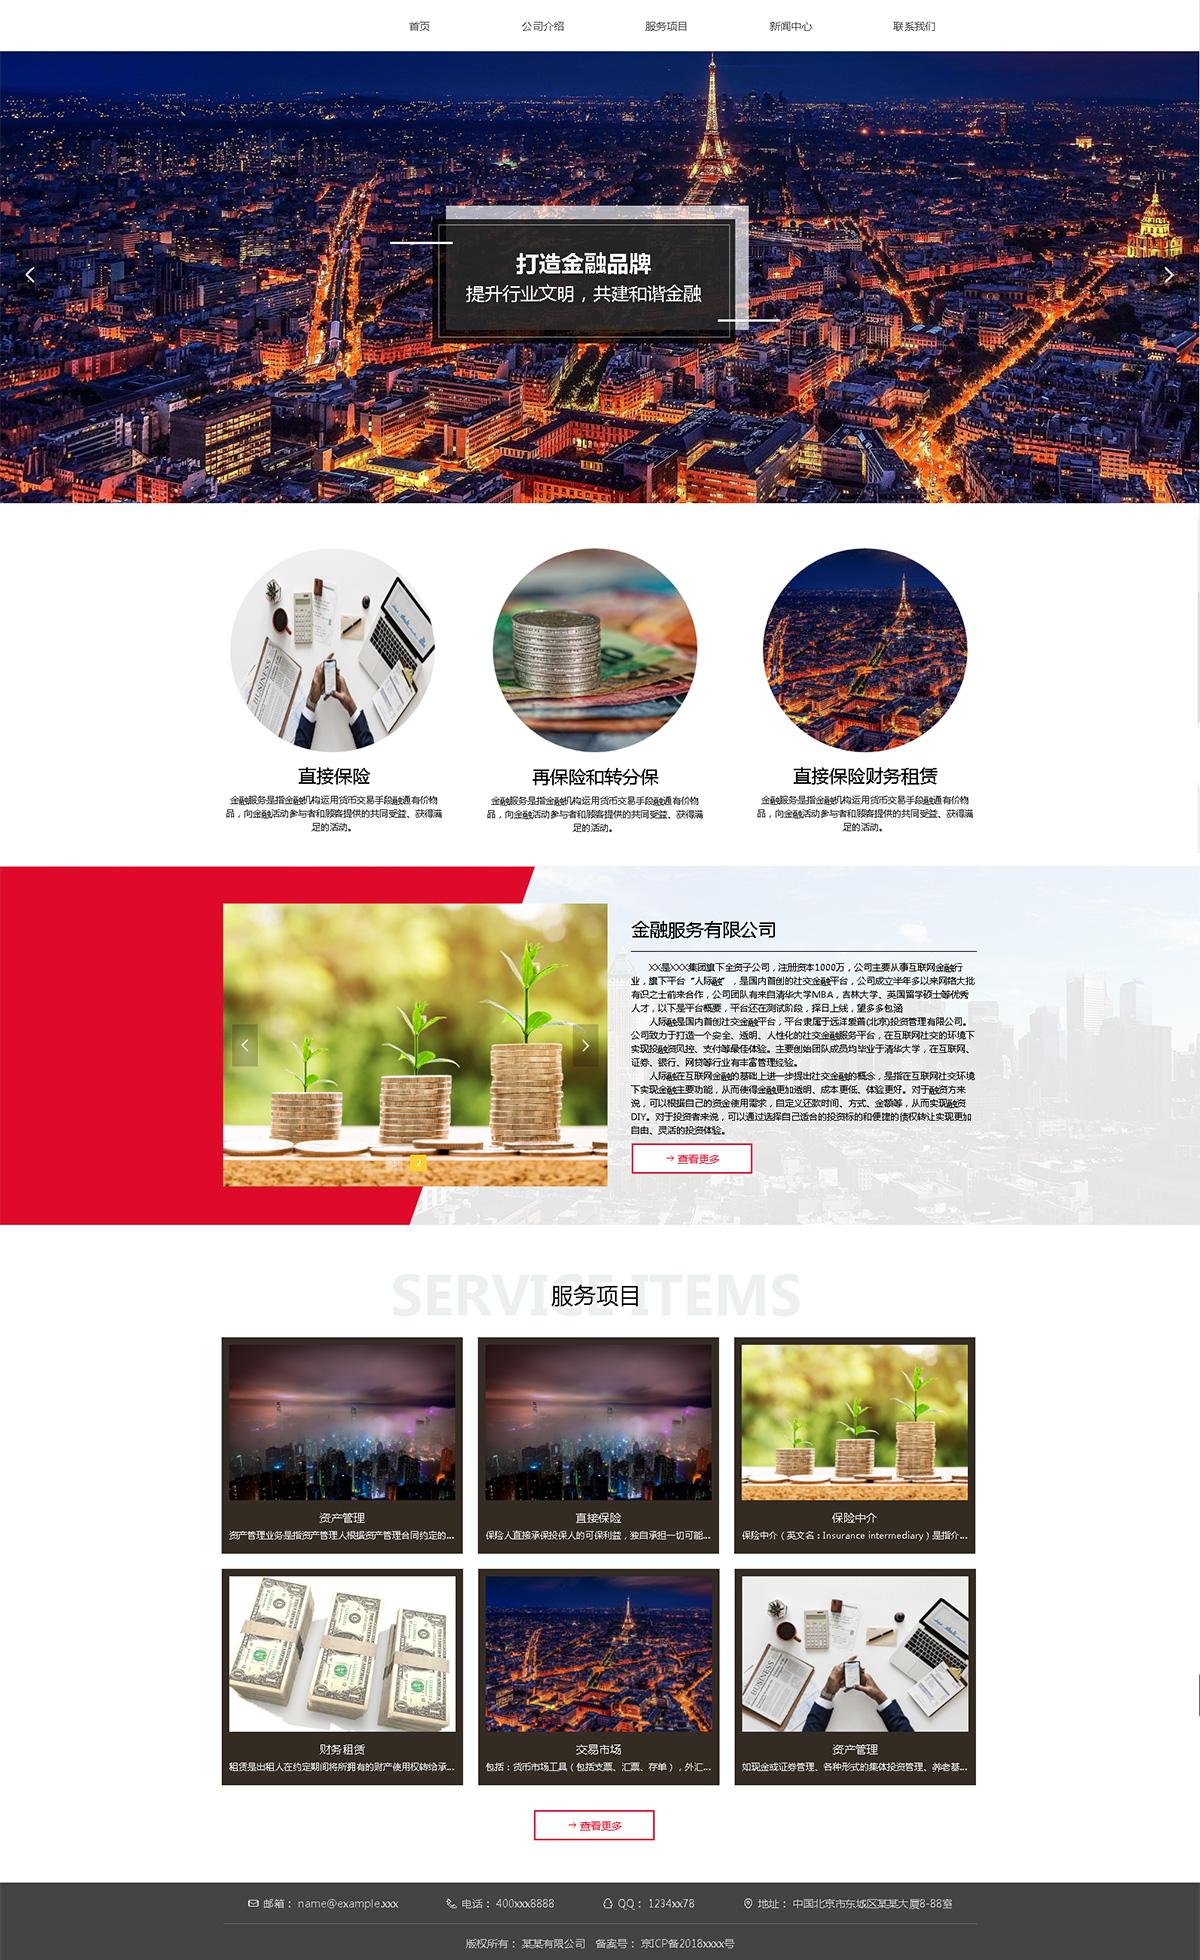 金融服务行业网站建设案例效果图